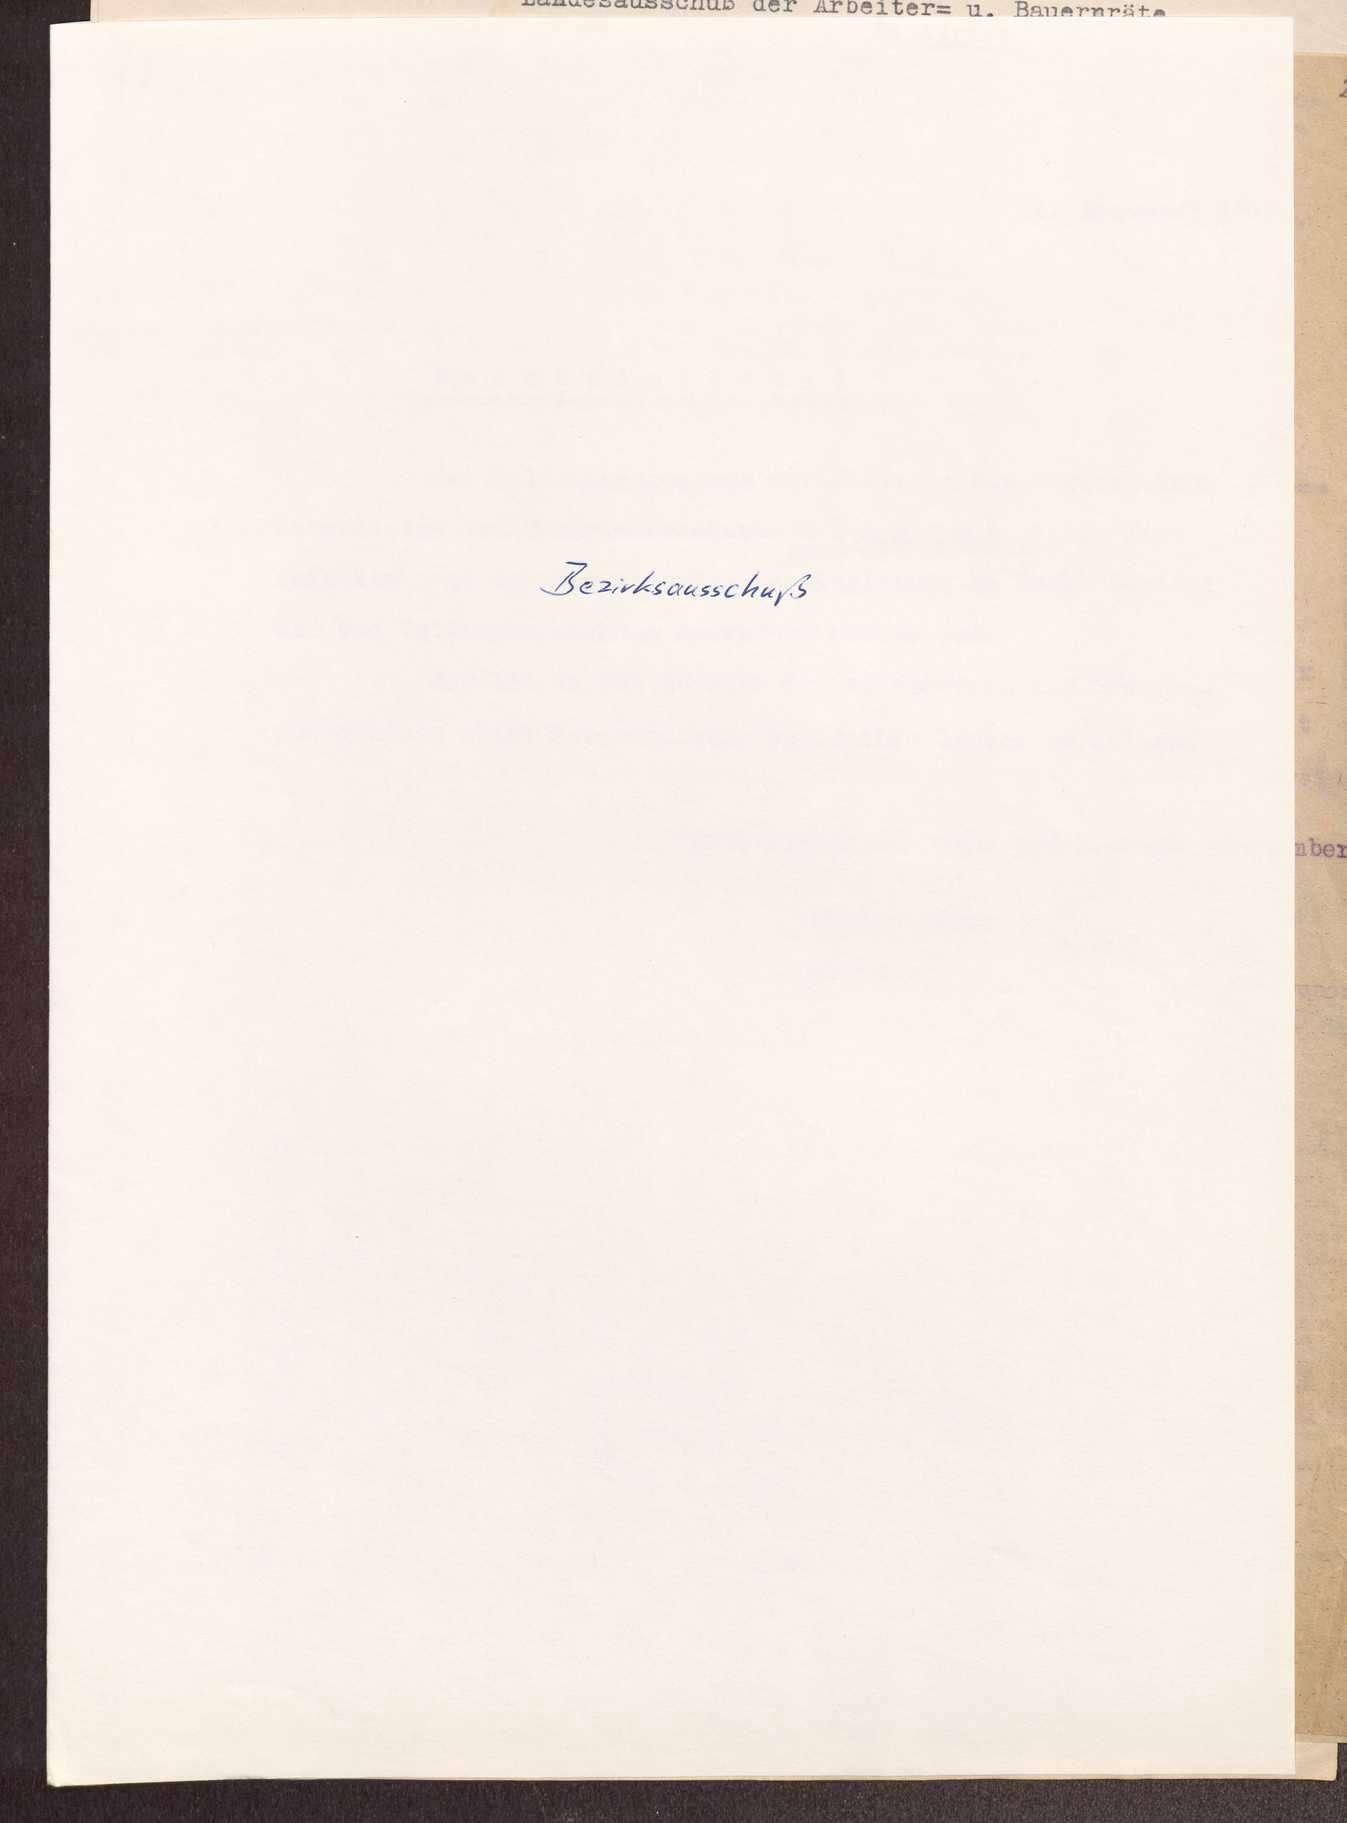 Wahl, Zusammensetzung und Auflösung der Arbeiter- und Bauernräte im Oberamt Ehingen, Bild 1